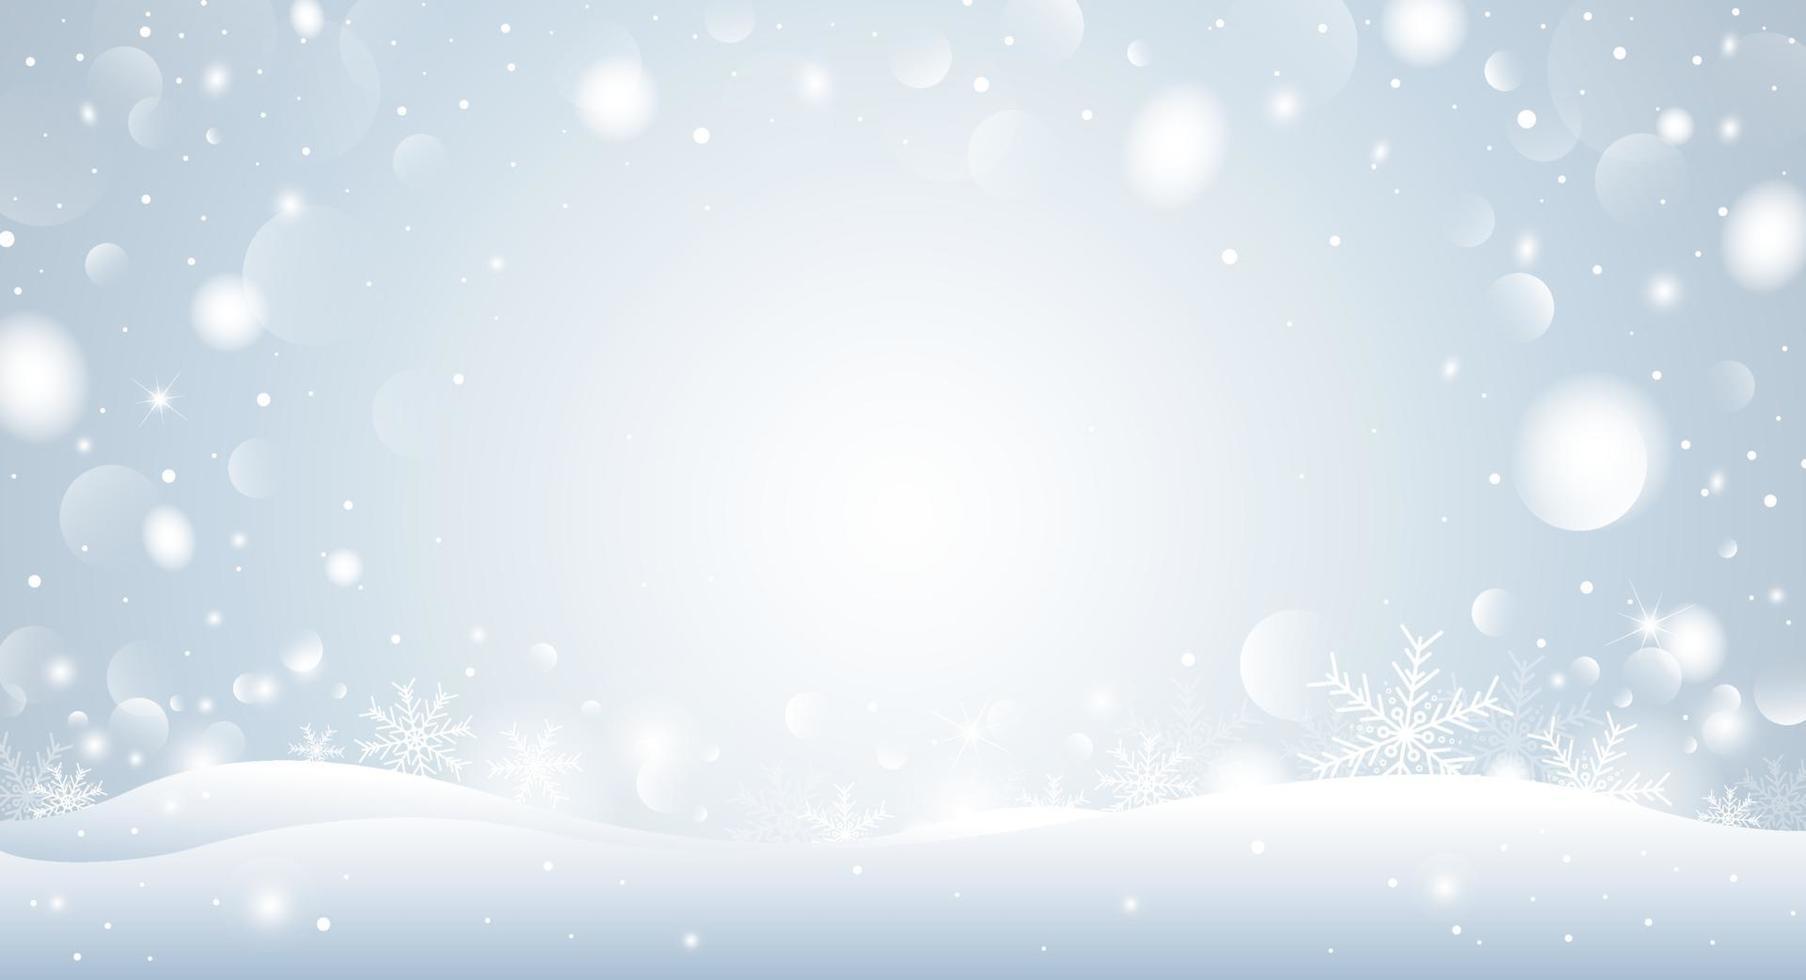 conception de concept de fond de Noël de flocon de neige blanc et bokeh dans l'illustration vectorielle hiver vecteur